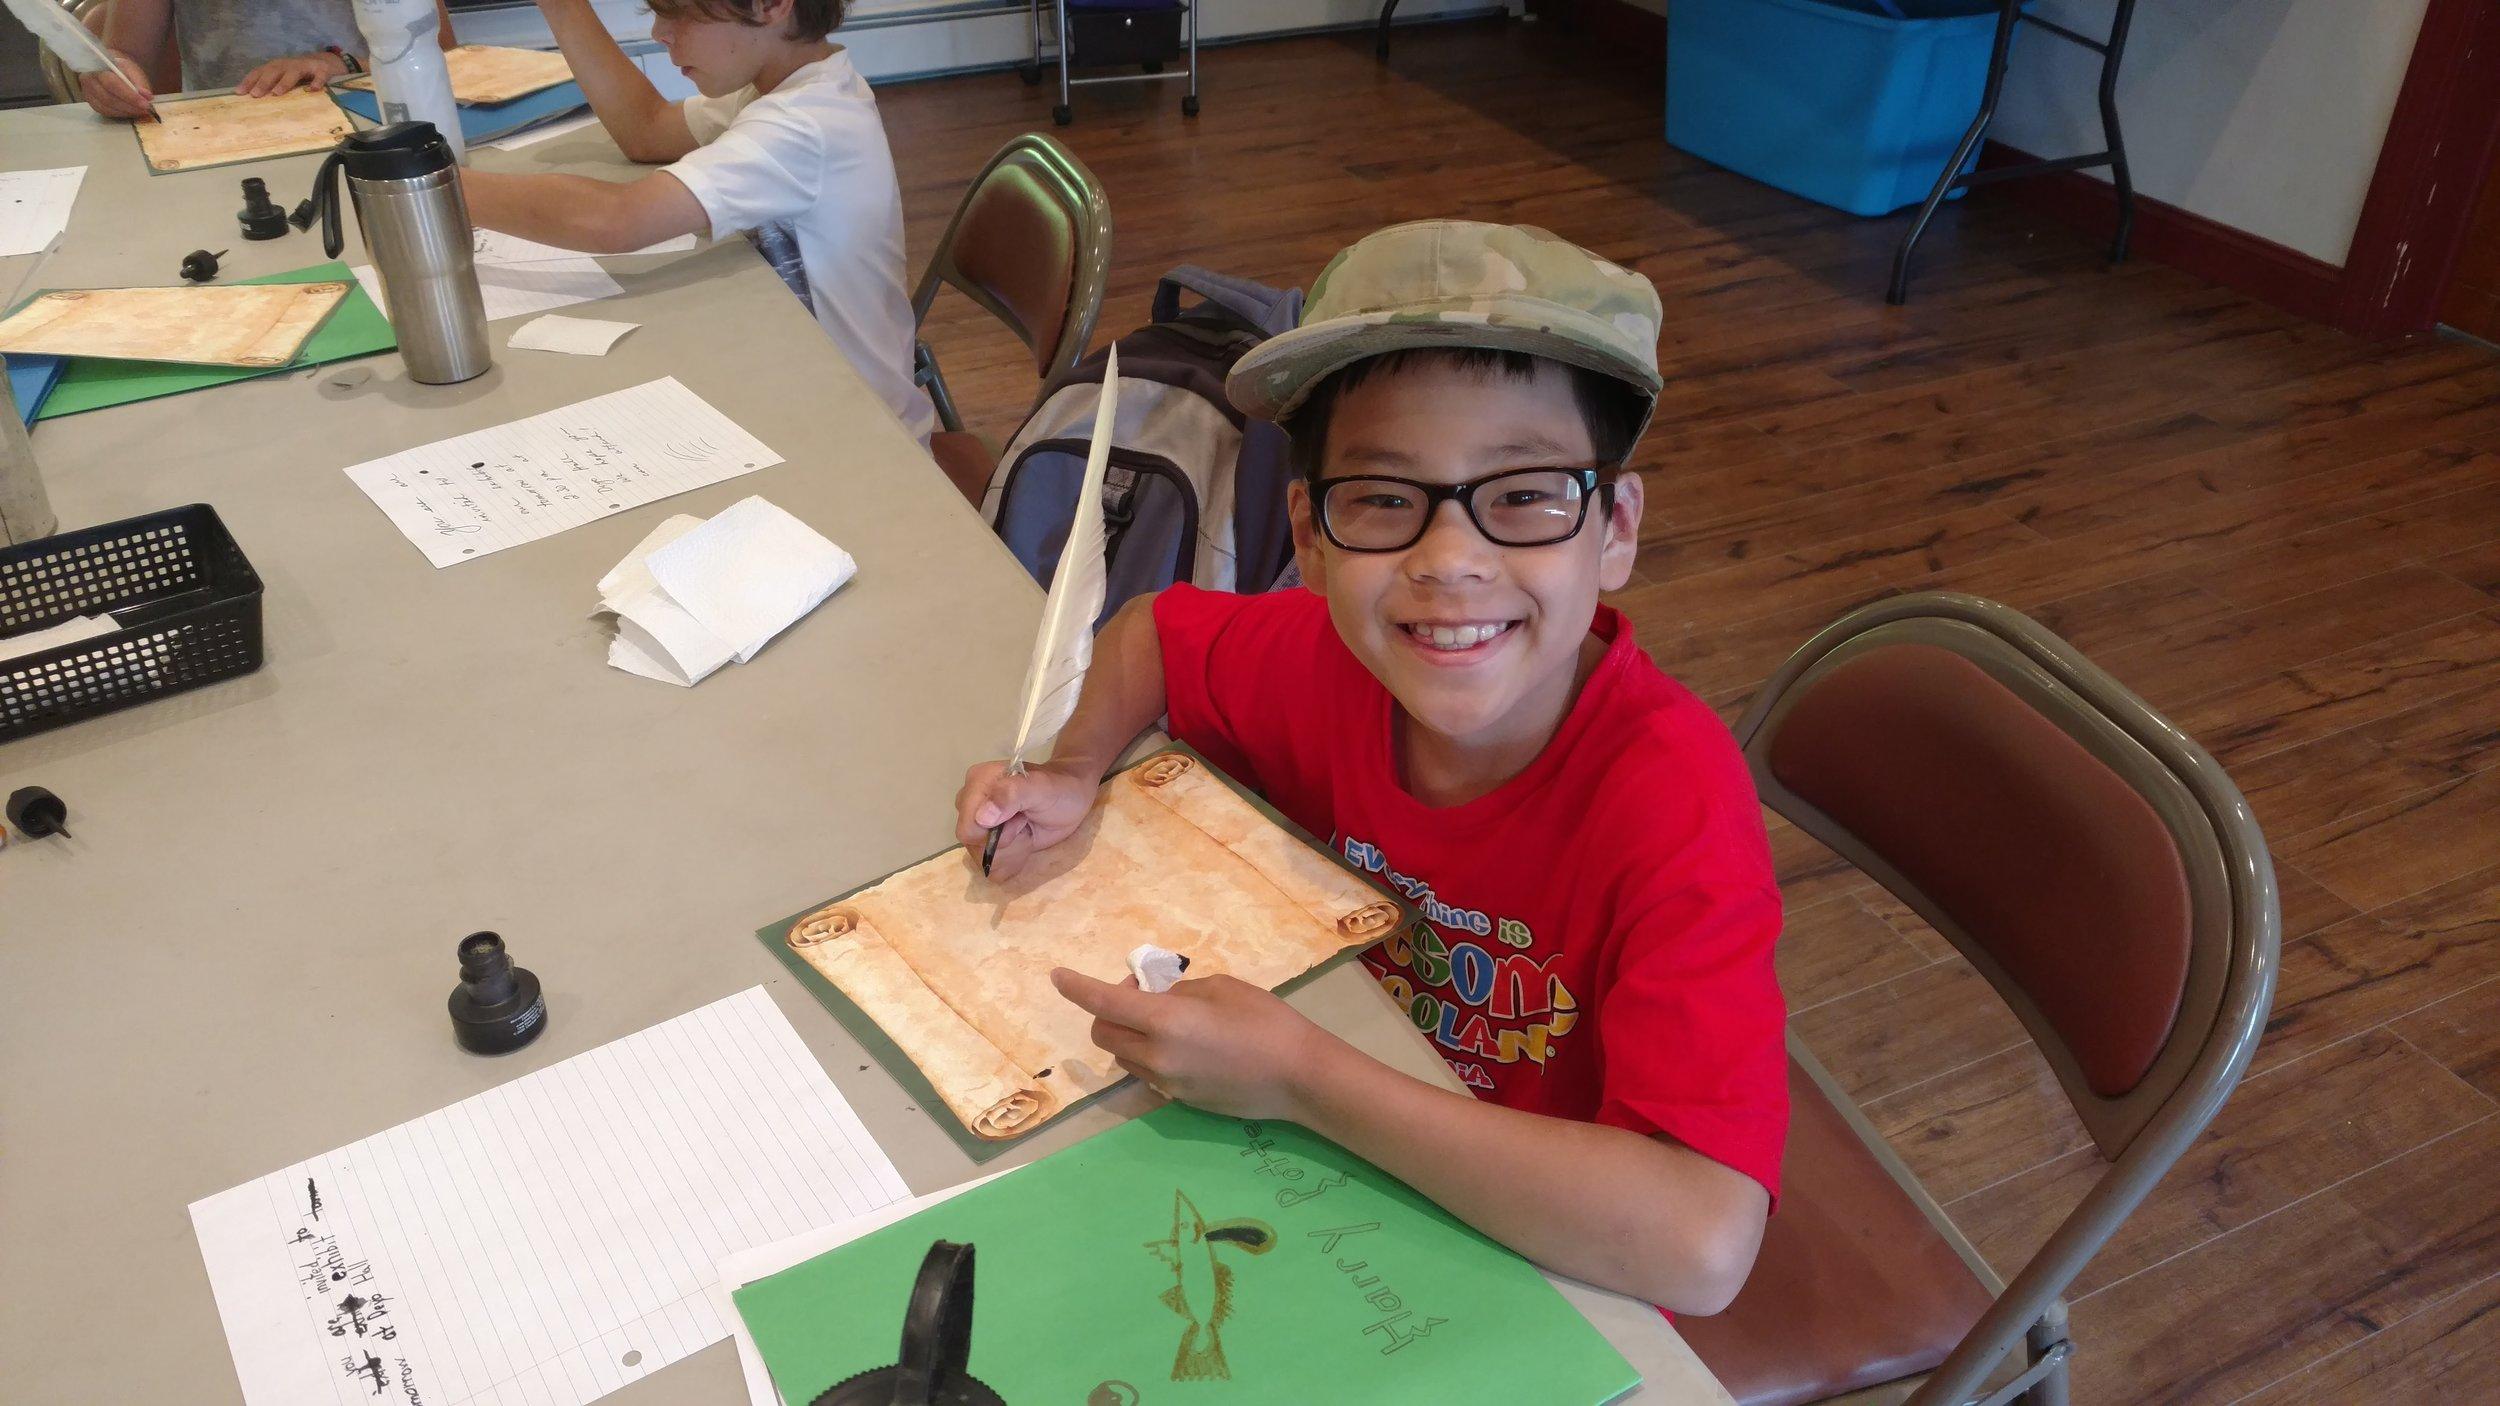 Quill writing at Camp Huguenot